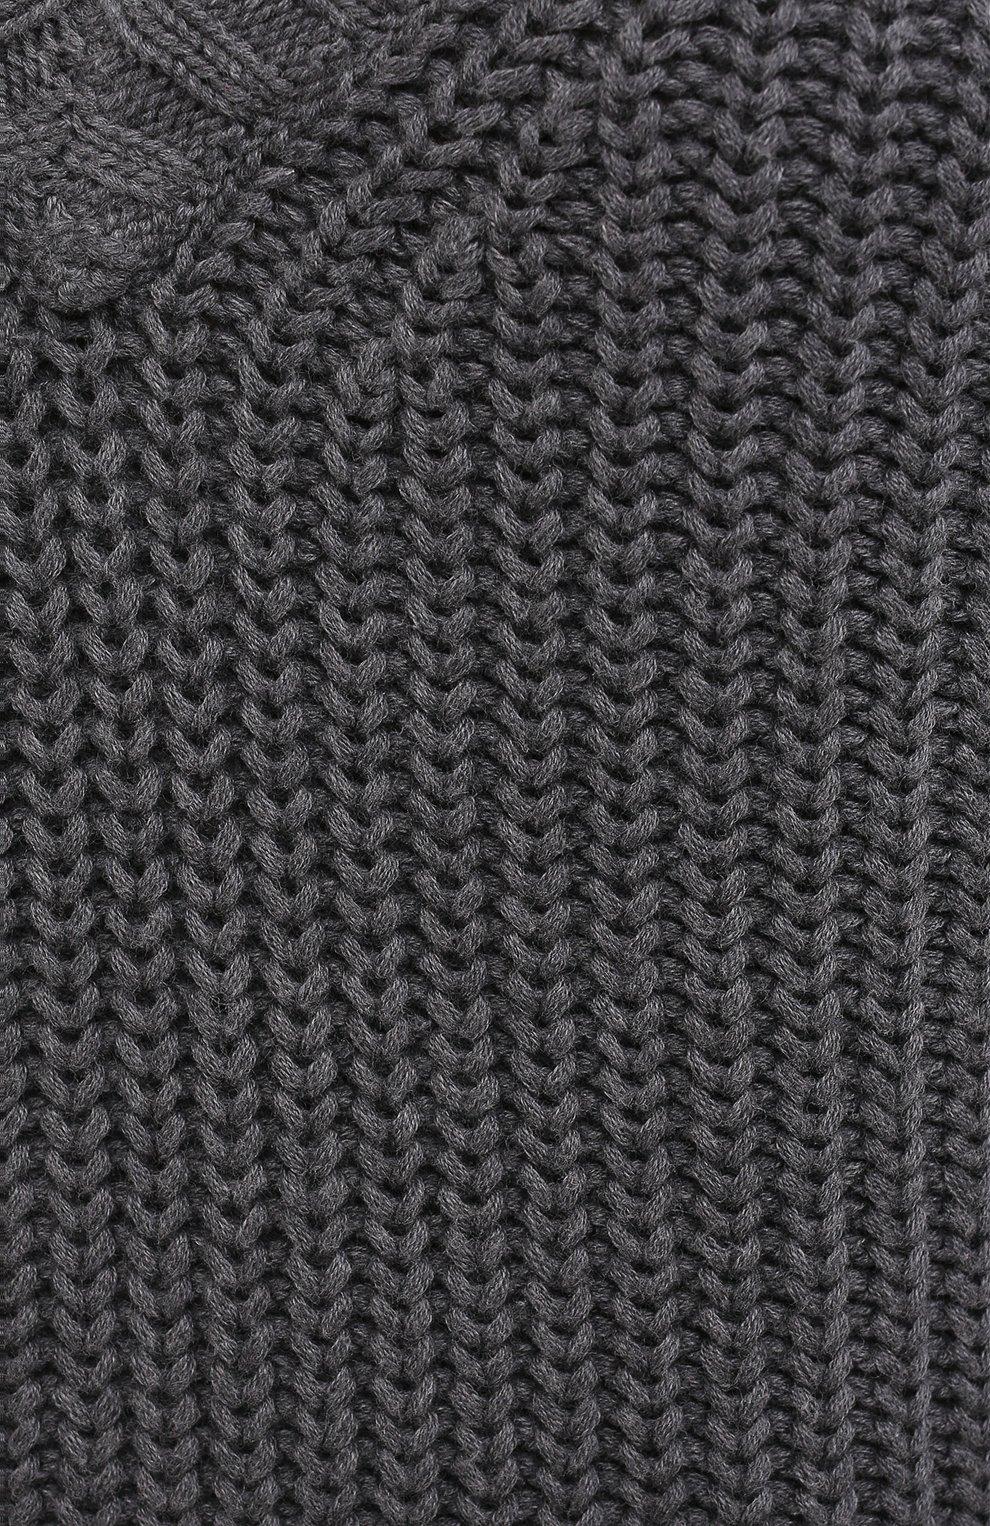 Женский хлопковый свитер ATM ANTHONY THOMAS MELILLO темно-серого цвета, арт. AW8412-YY | Фото 5 (Женское Кросс-КТ: Свитер-одежда; Рукава: Длинные; Длина (для топов): Стандартные; Материал внешний: Хлопок; Стили: Кэжуэл)